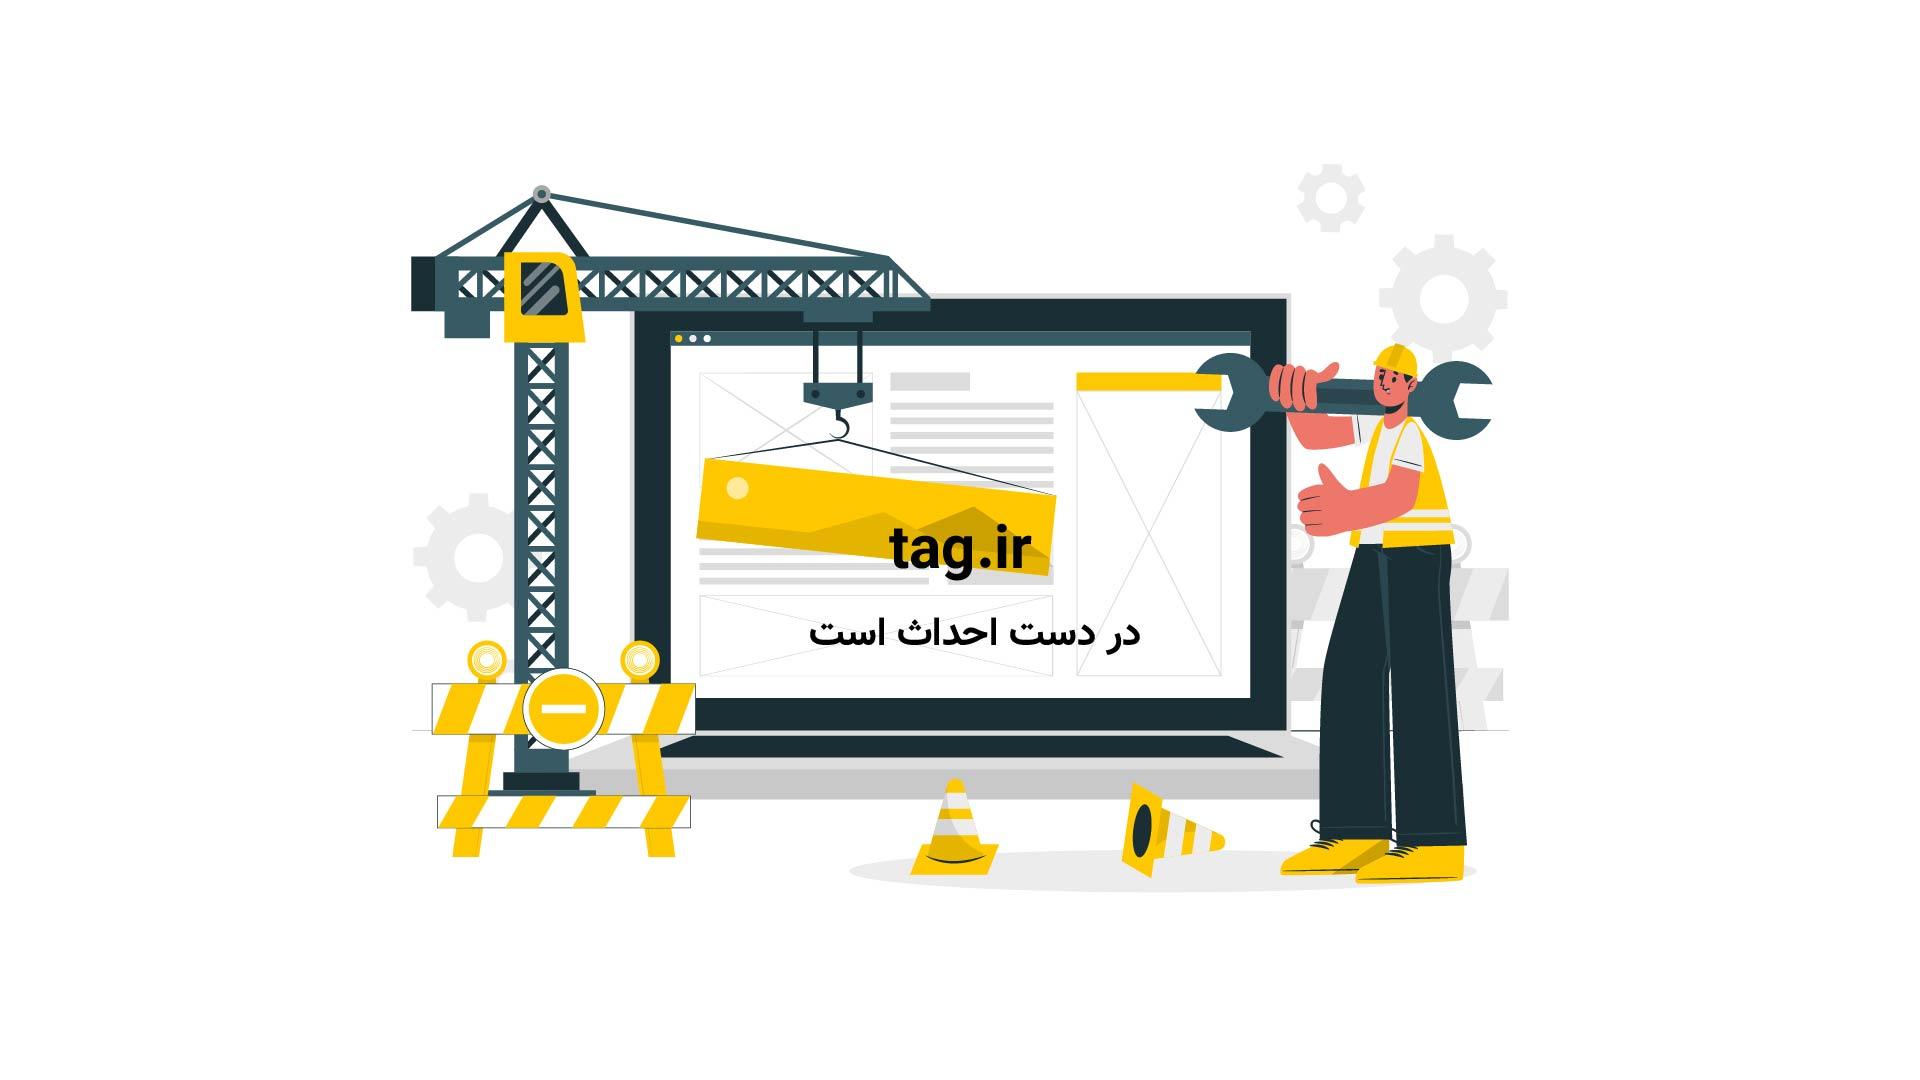 ملاقات خانواده راسو جاده با دوچرخه سوار+فیلم